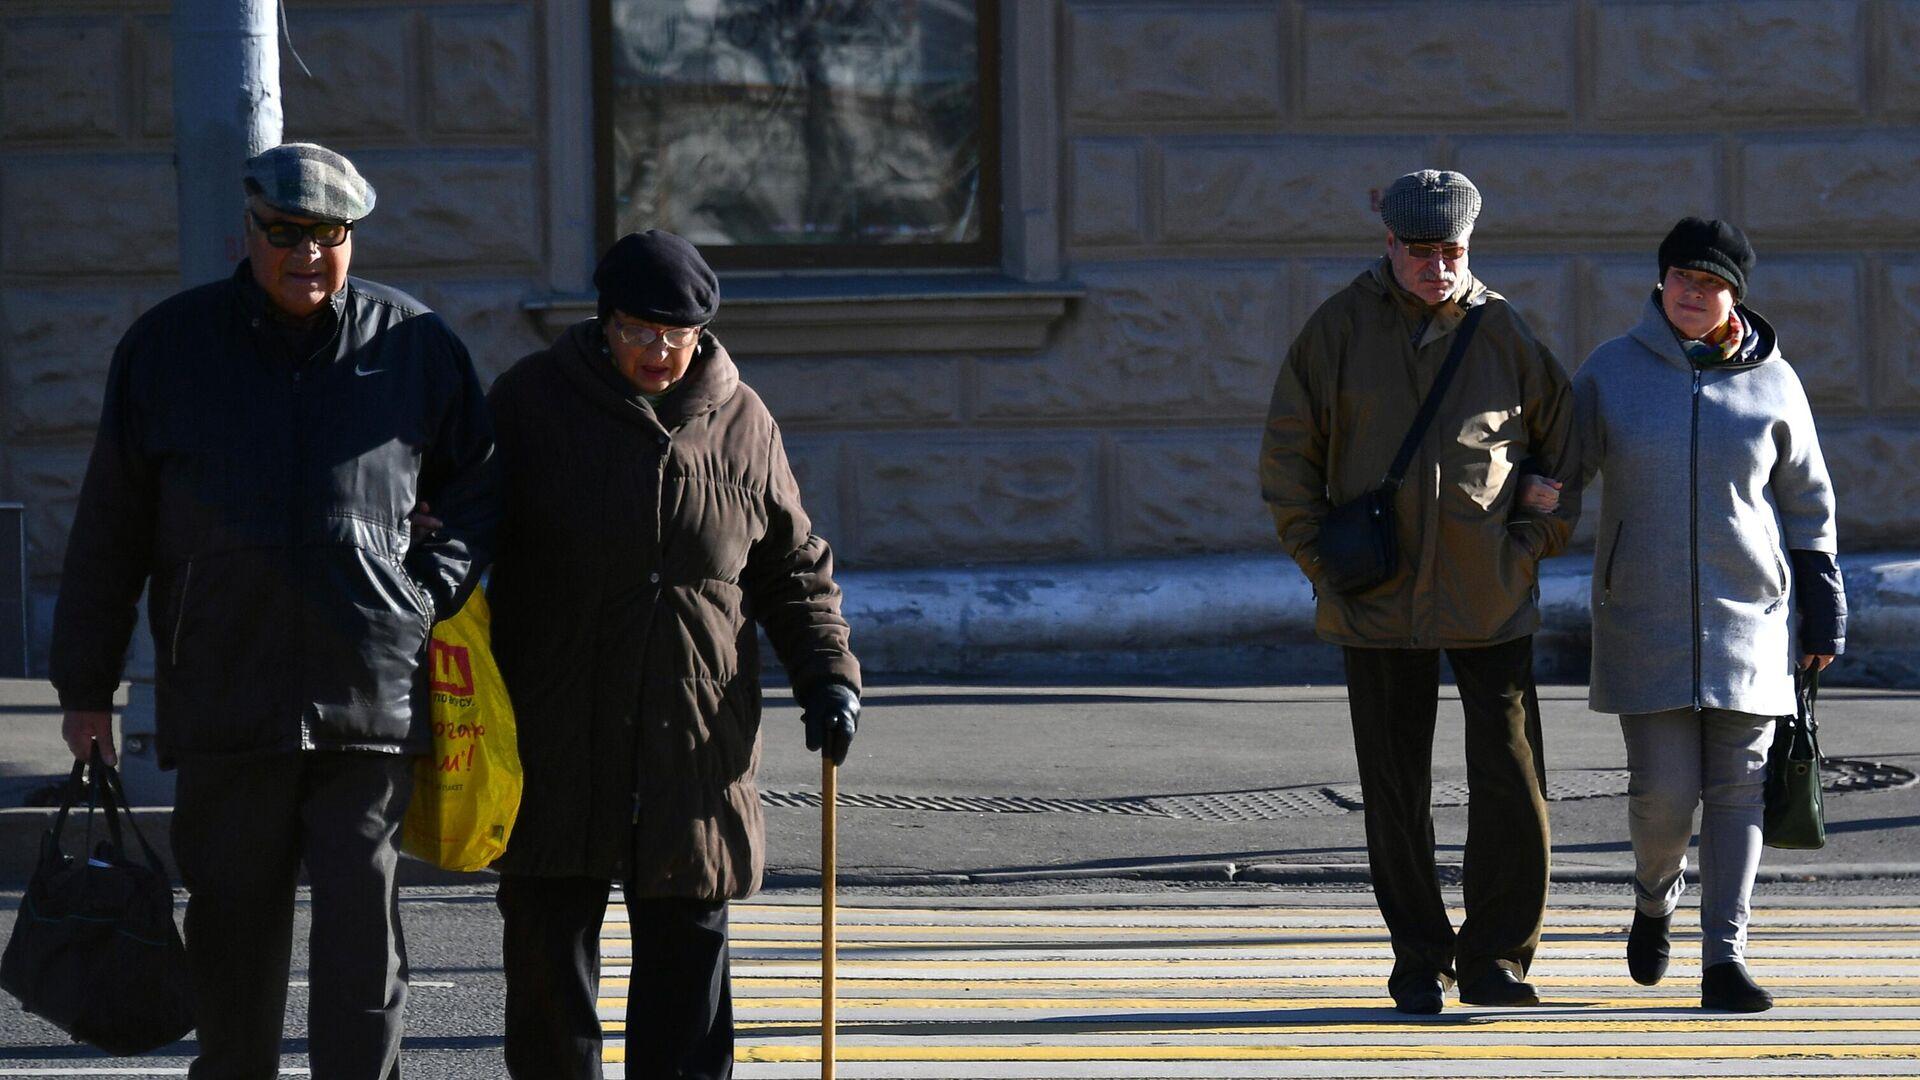 Прохожие на пешеходном переходе в Москве - РИА Новости, 1920, 17.01.2021